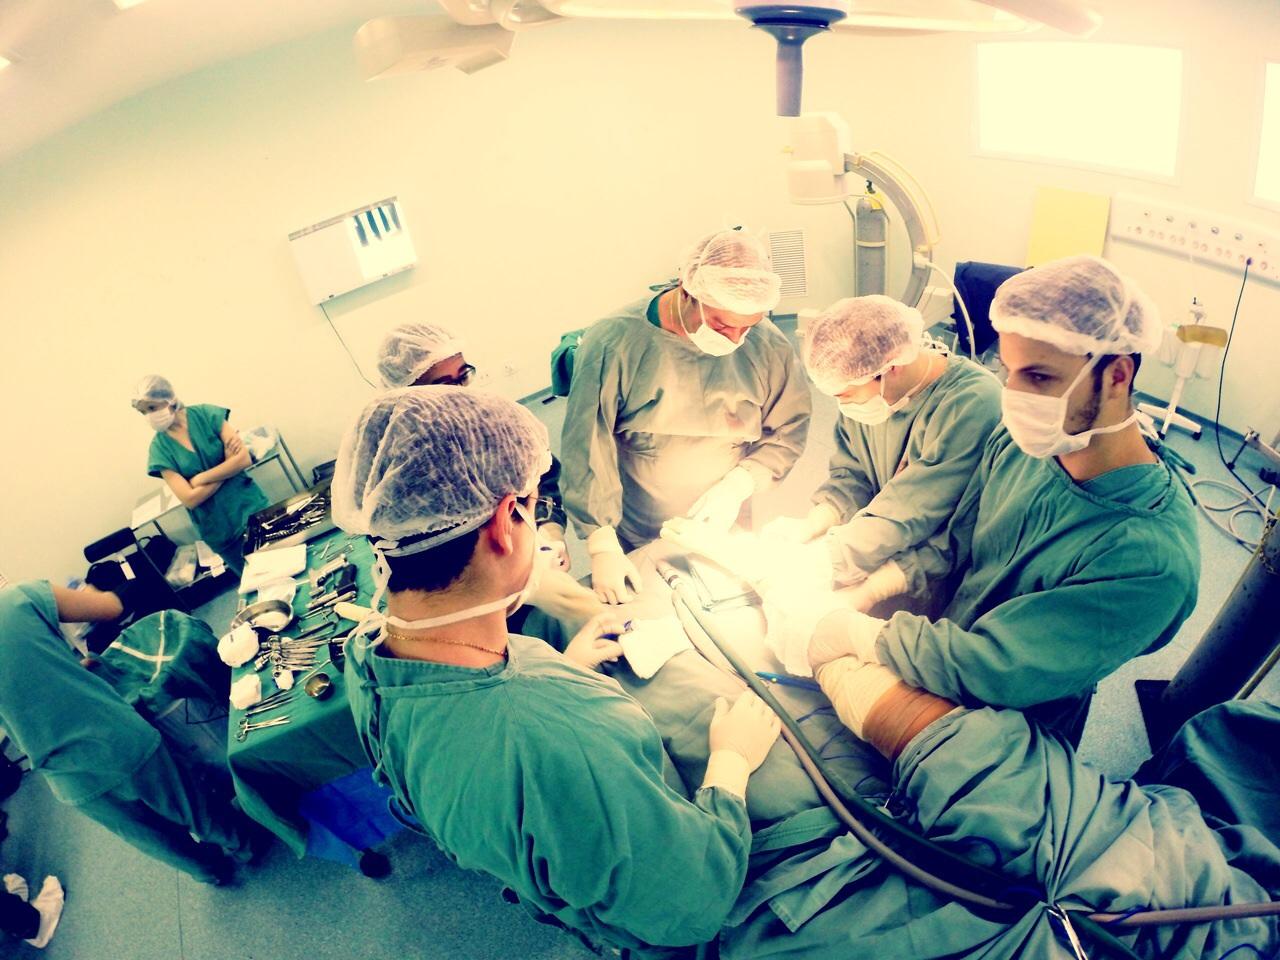 Em orientação de ato cirúrgico.